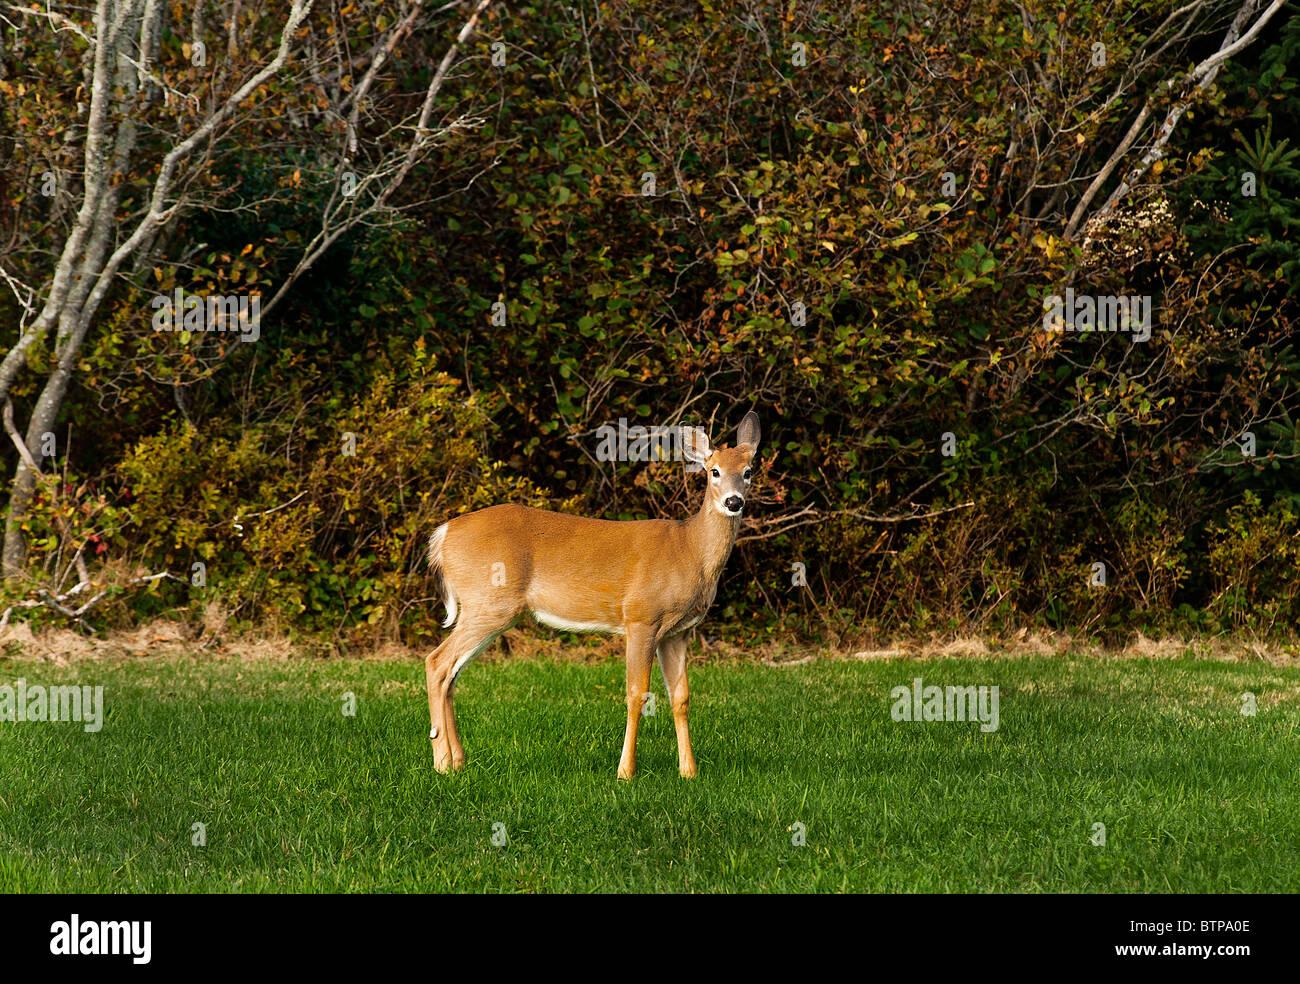 Alerta el venado de cola blanca, Maine, EE.UU. Imagen De Stock